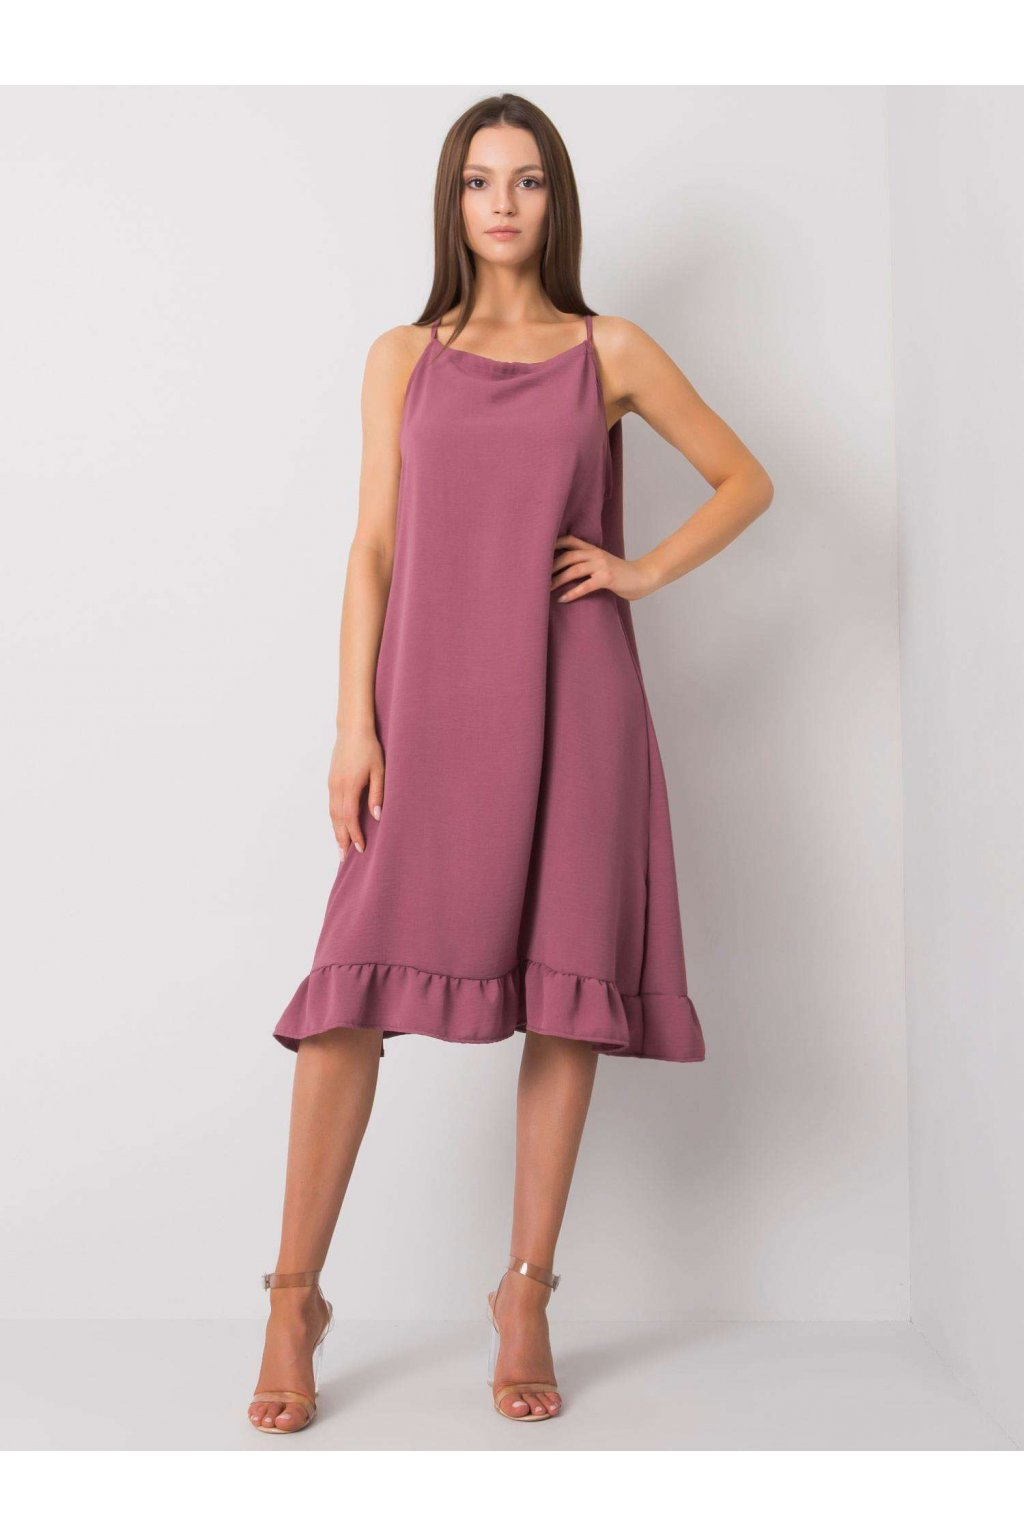 pol pl Brudnorozowa sukienka na ramiaczkach Simone 367543 1